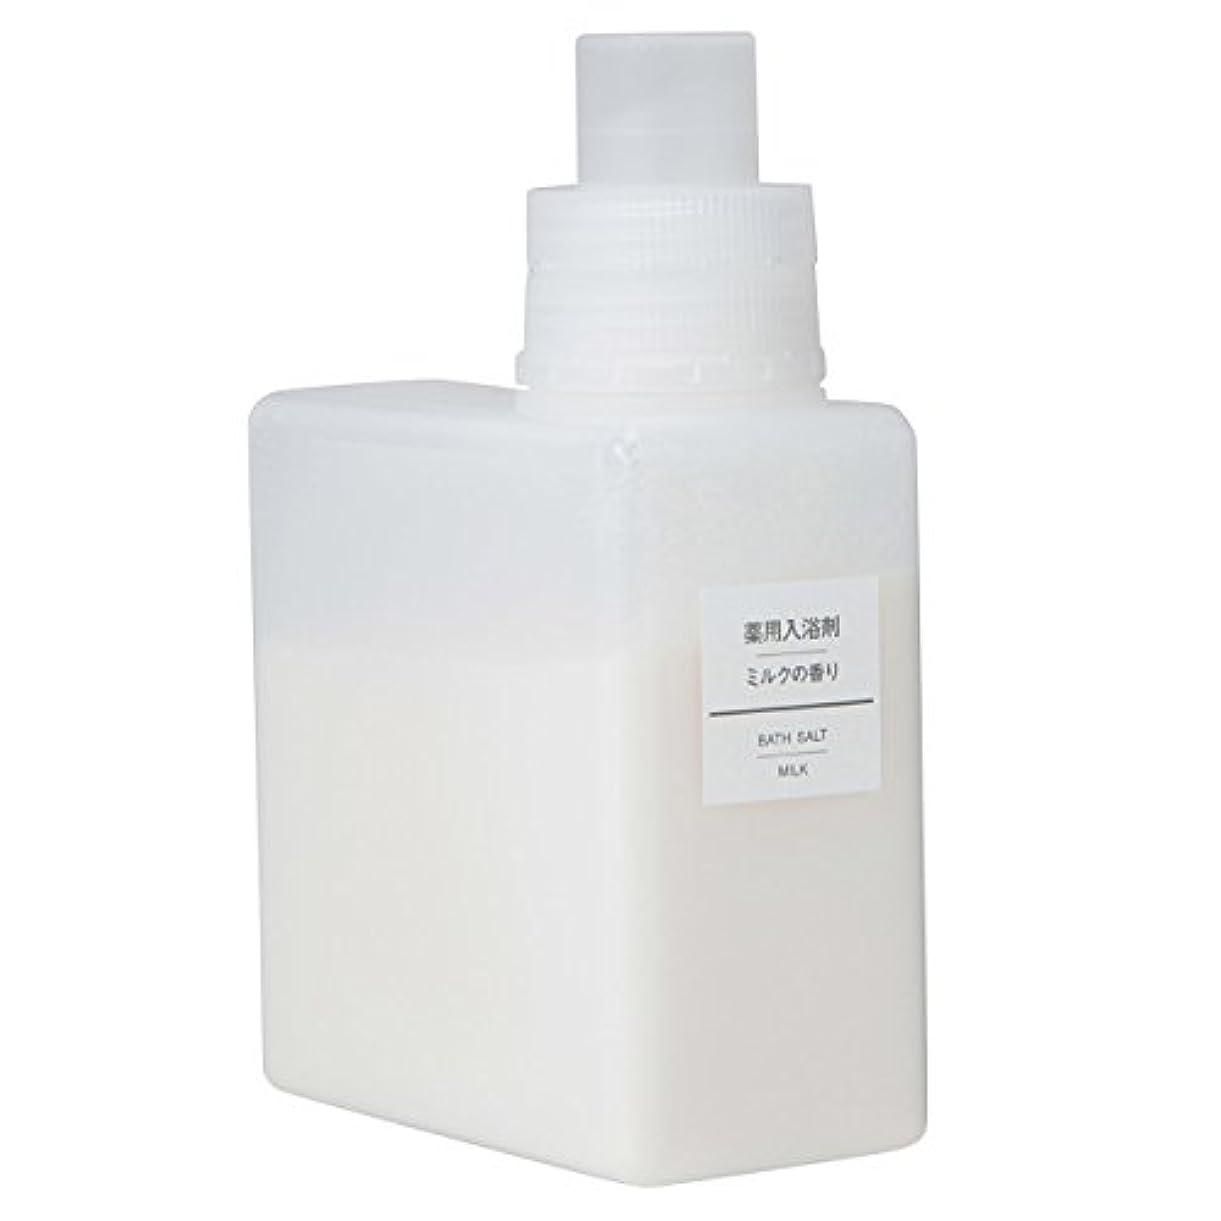 最終的にシャッターおびえた無印良品 薬用入浴剤?ミルクの香り (新)500g 日本製